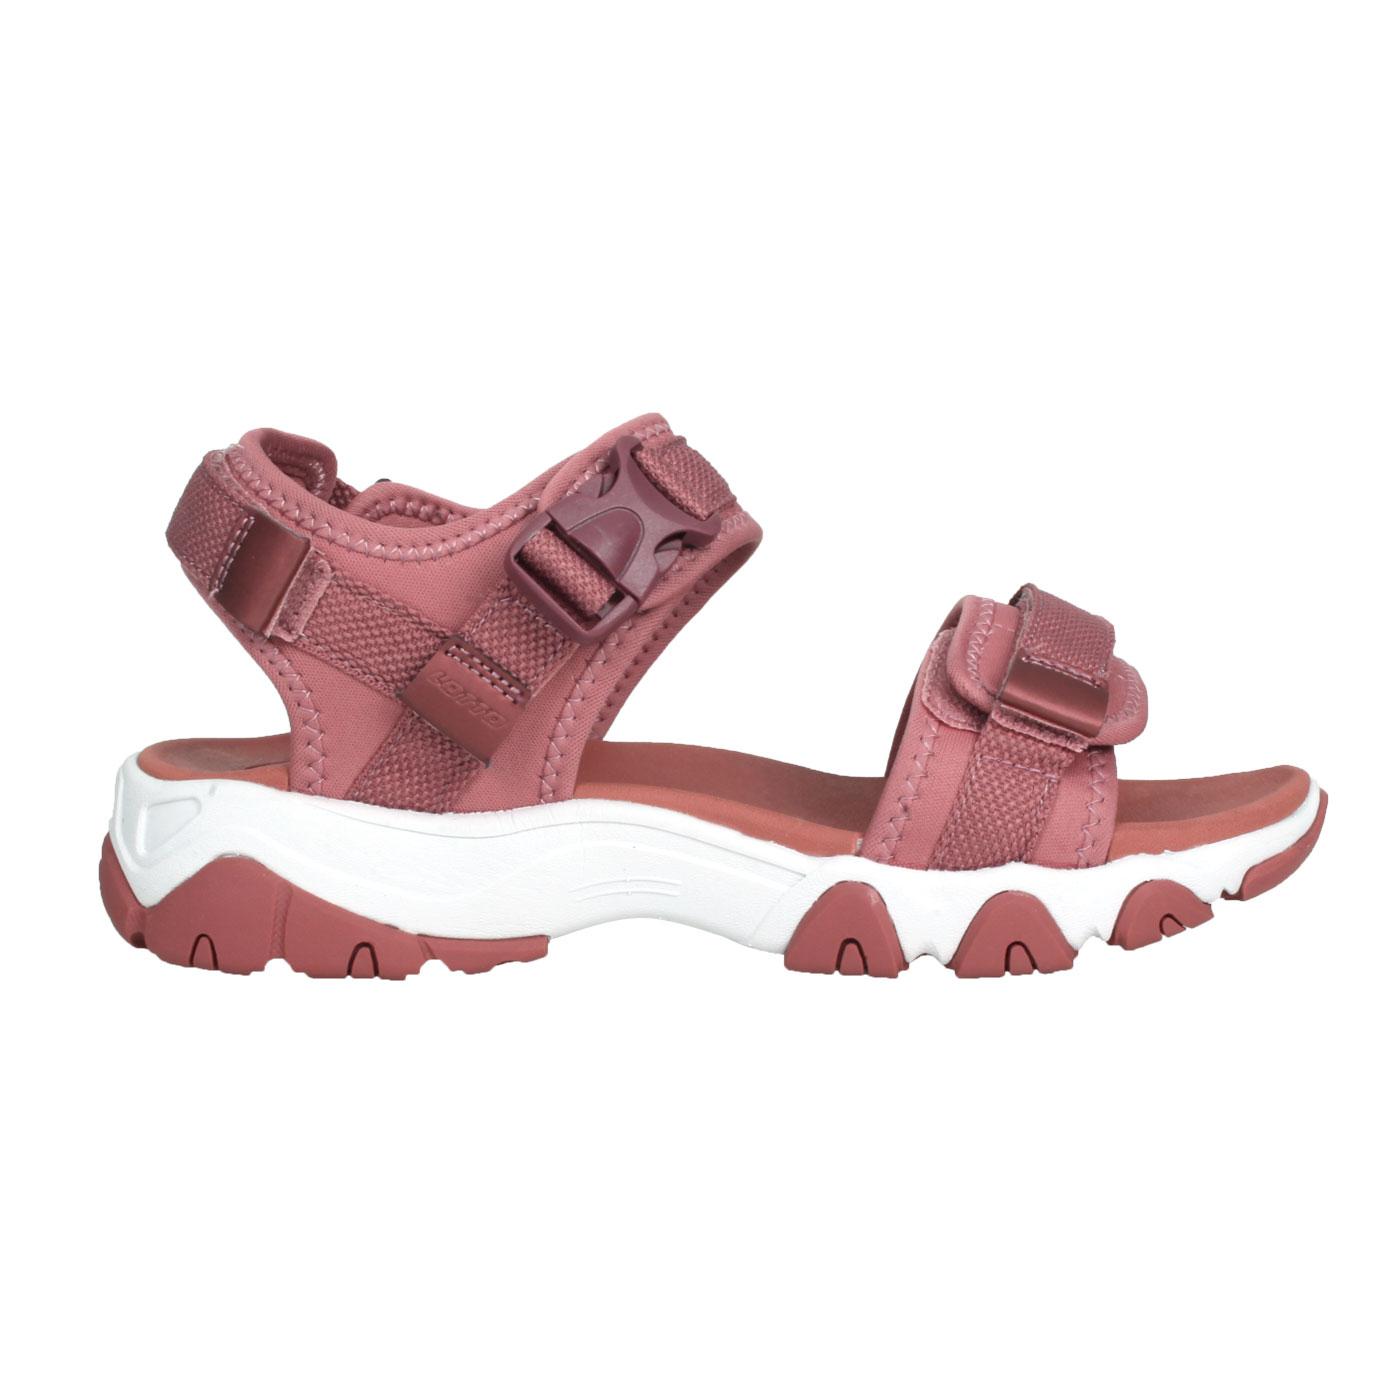 LOTTO 美型厚底一字涼鞋 LT1AWS3302 - 荳蔻粉